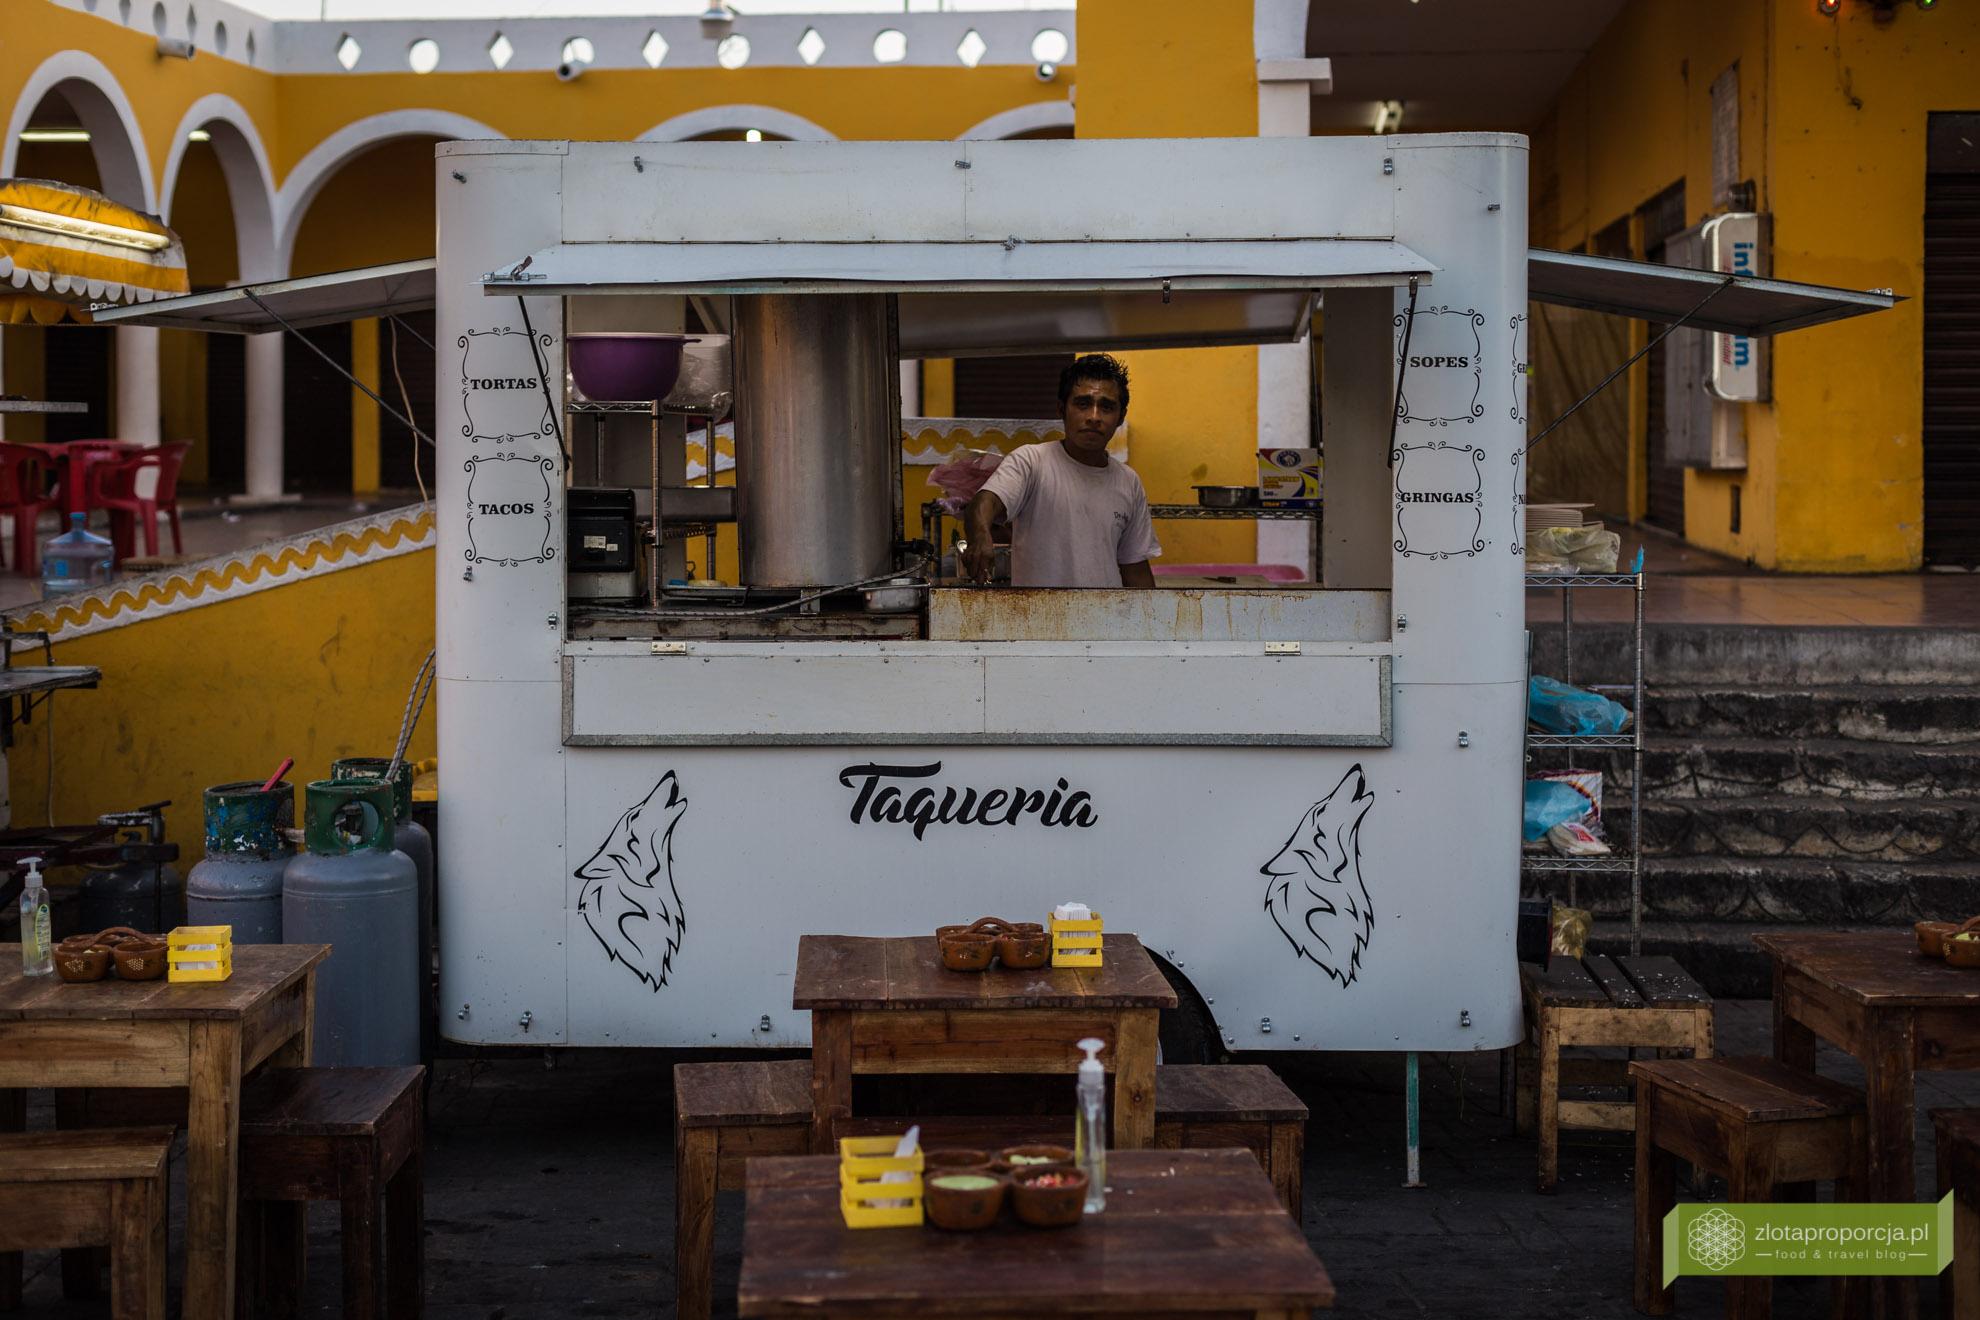 kuchnia Jukatanu, kuchnia meksykańska, meksykańskie potrawy, potrawy na Jukatanie, meksykański street food, tacos